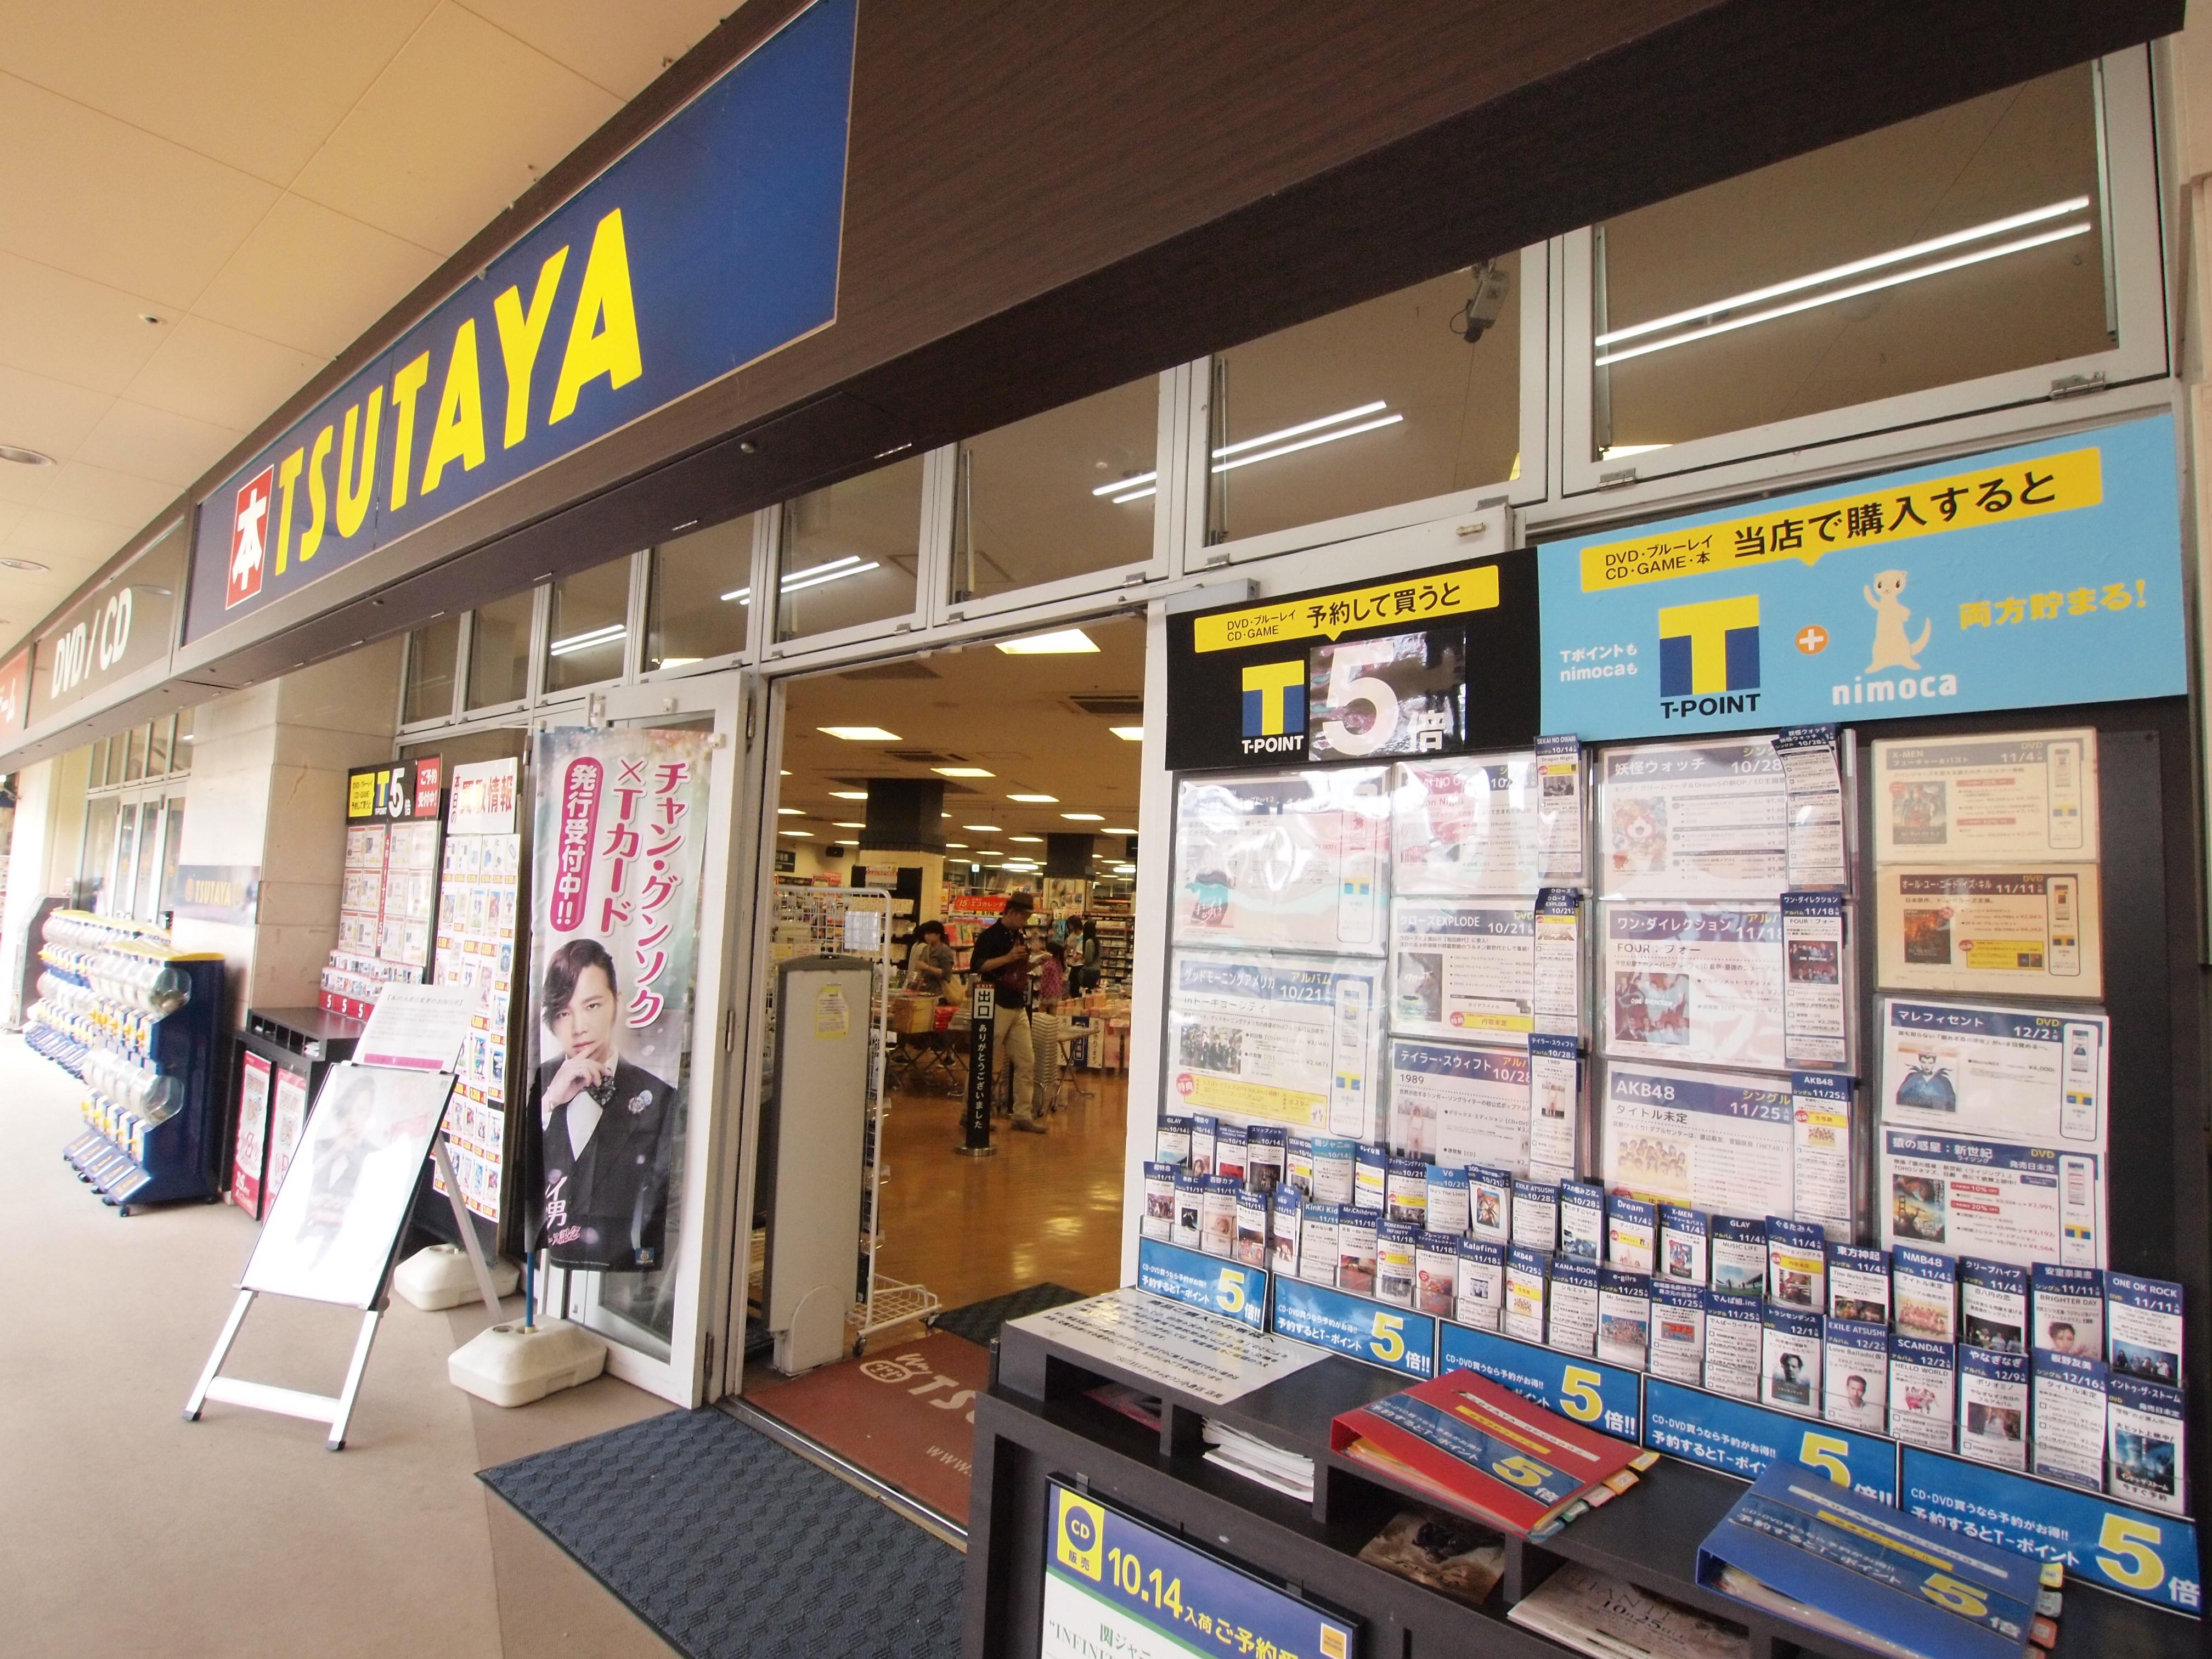 ショッピング施設:TSUTAYA チャチャタウン小倉店 728m